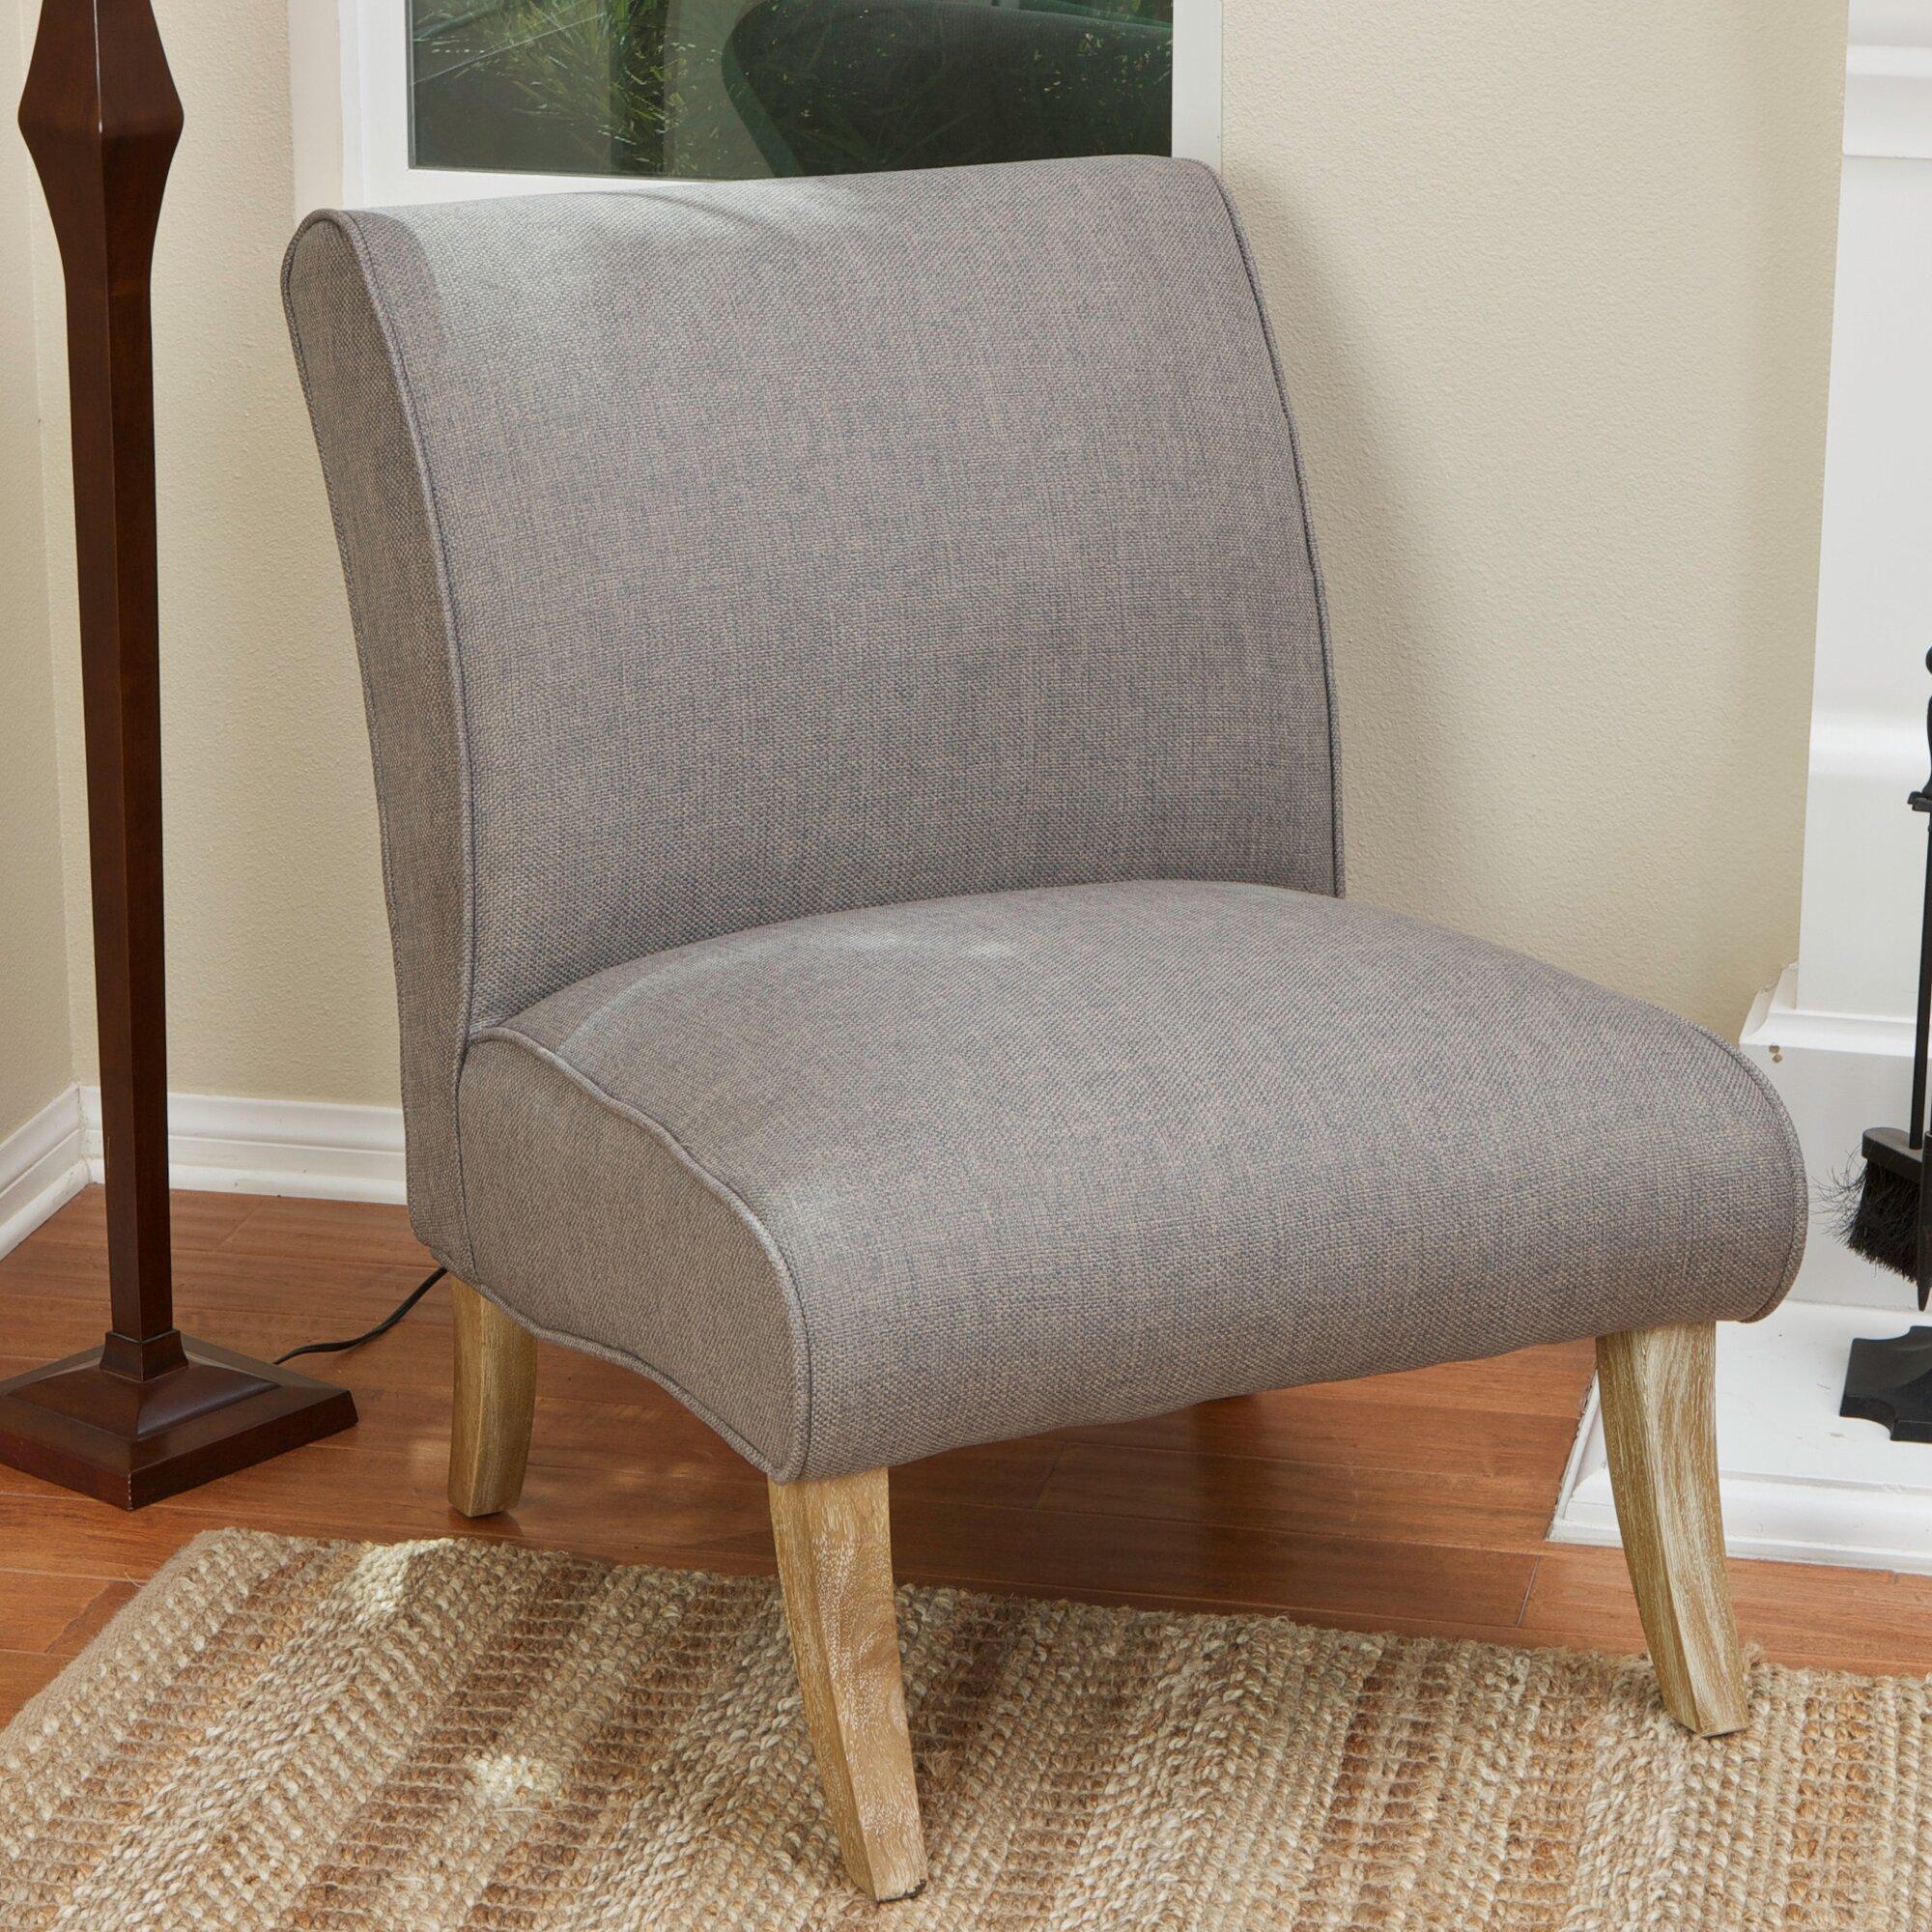 anae fabric slipper chair - Slipper Chairs